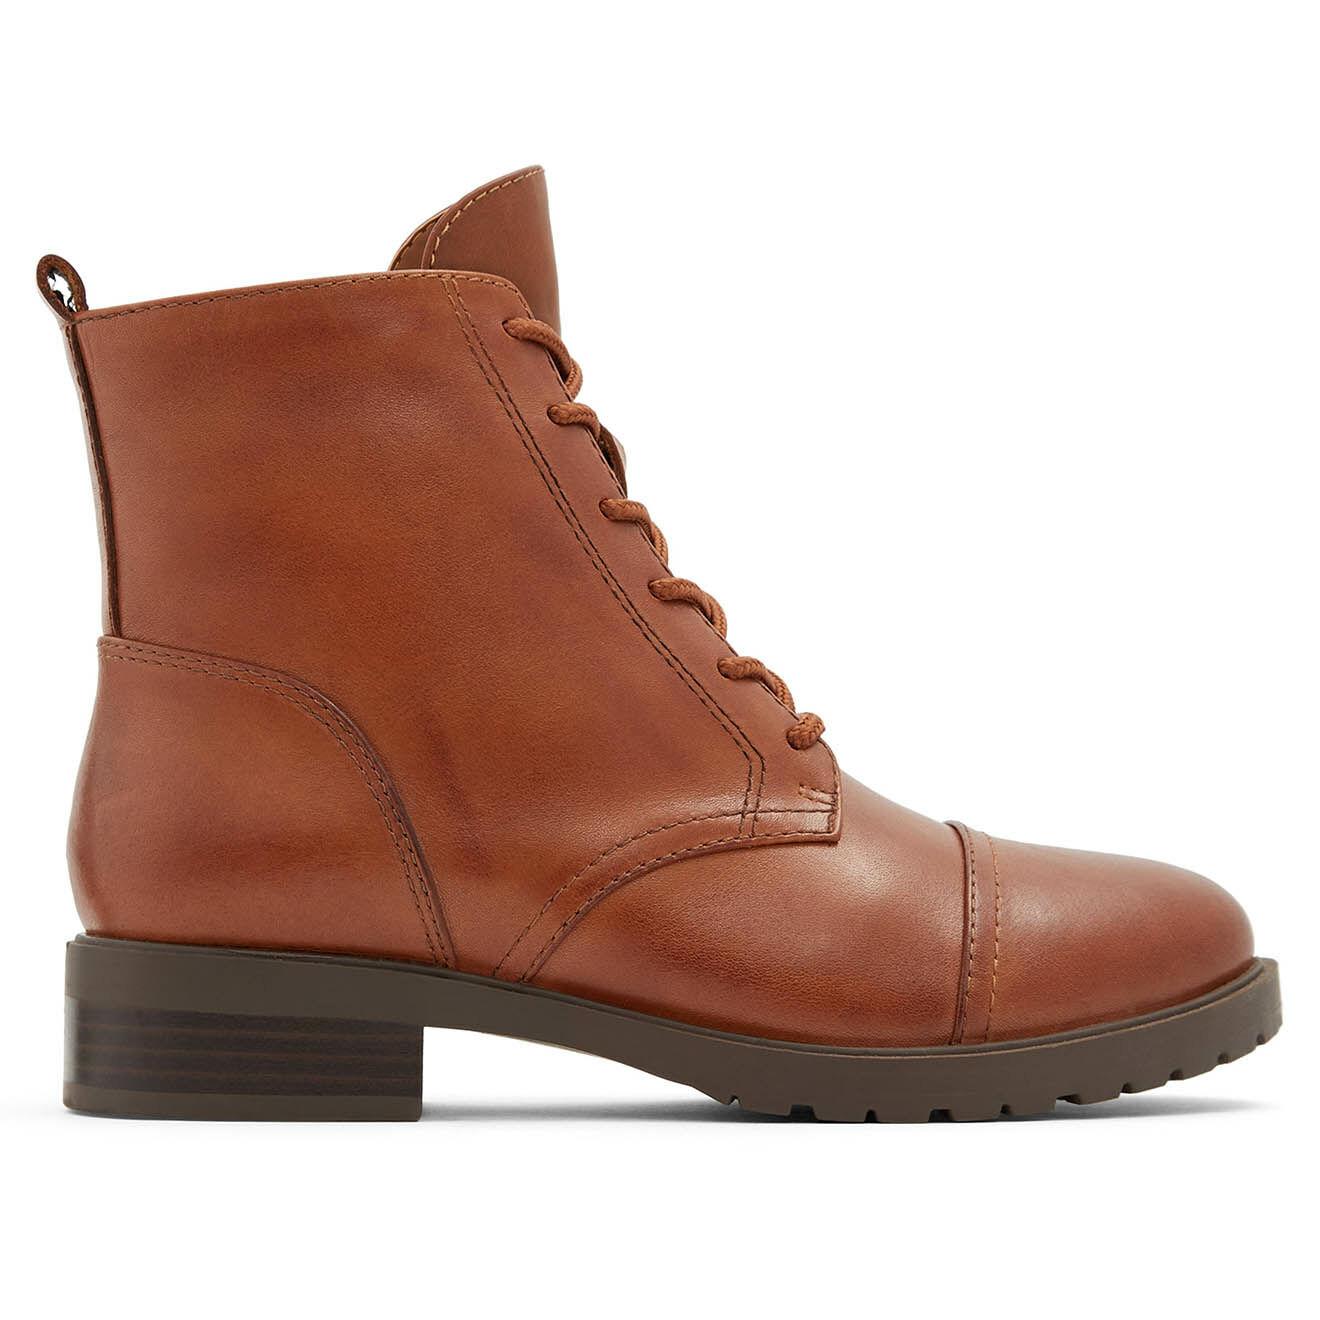 Boots en Cuir Grenani cognac - Aldo - Modalova